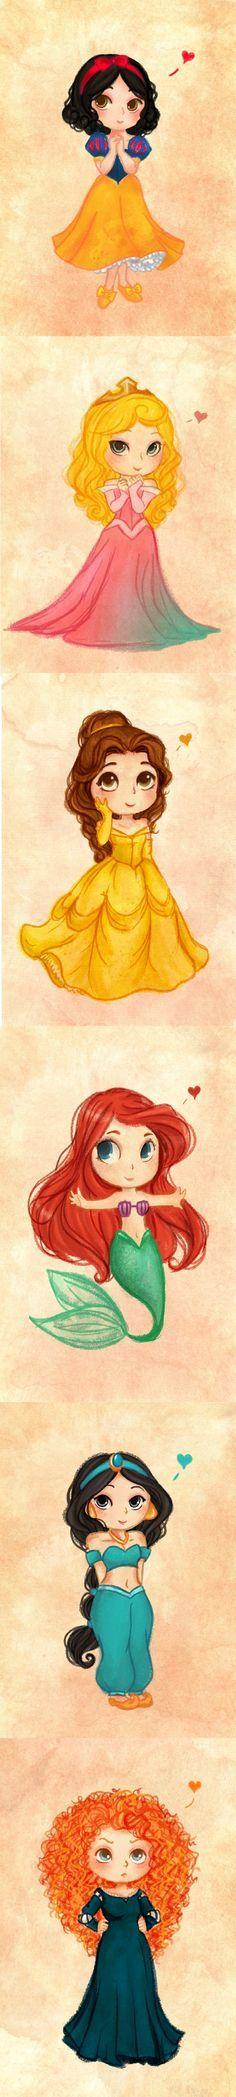 Desenhos de princesas ❤️